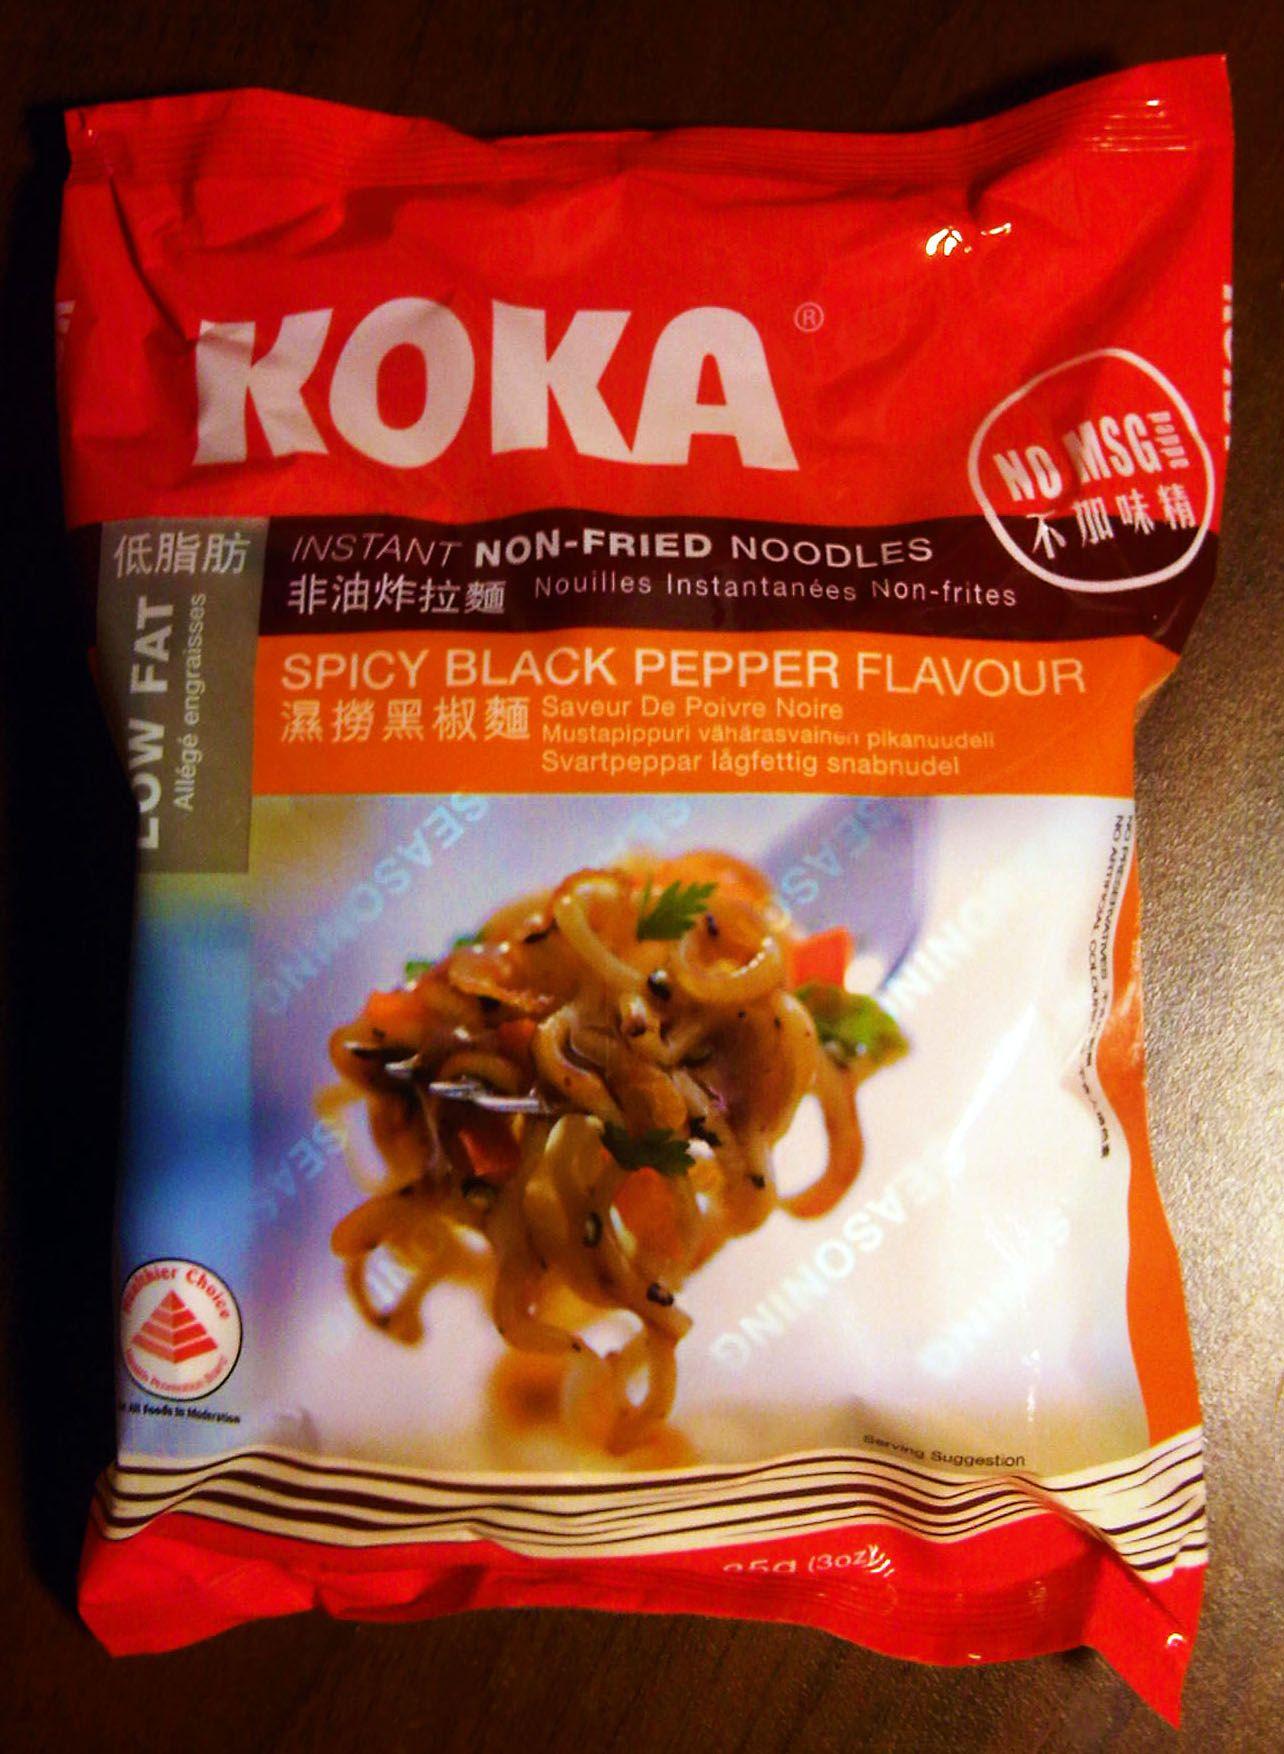 Koka Instant NonFried Noodles, Spicy Black Pepper Flavour